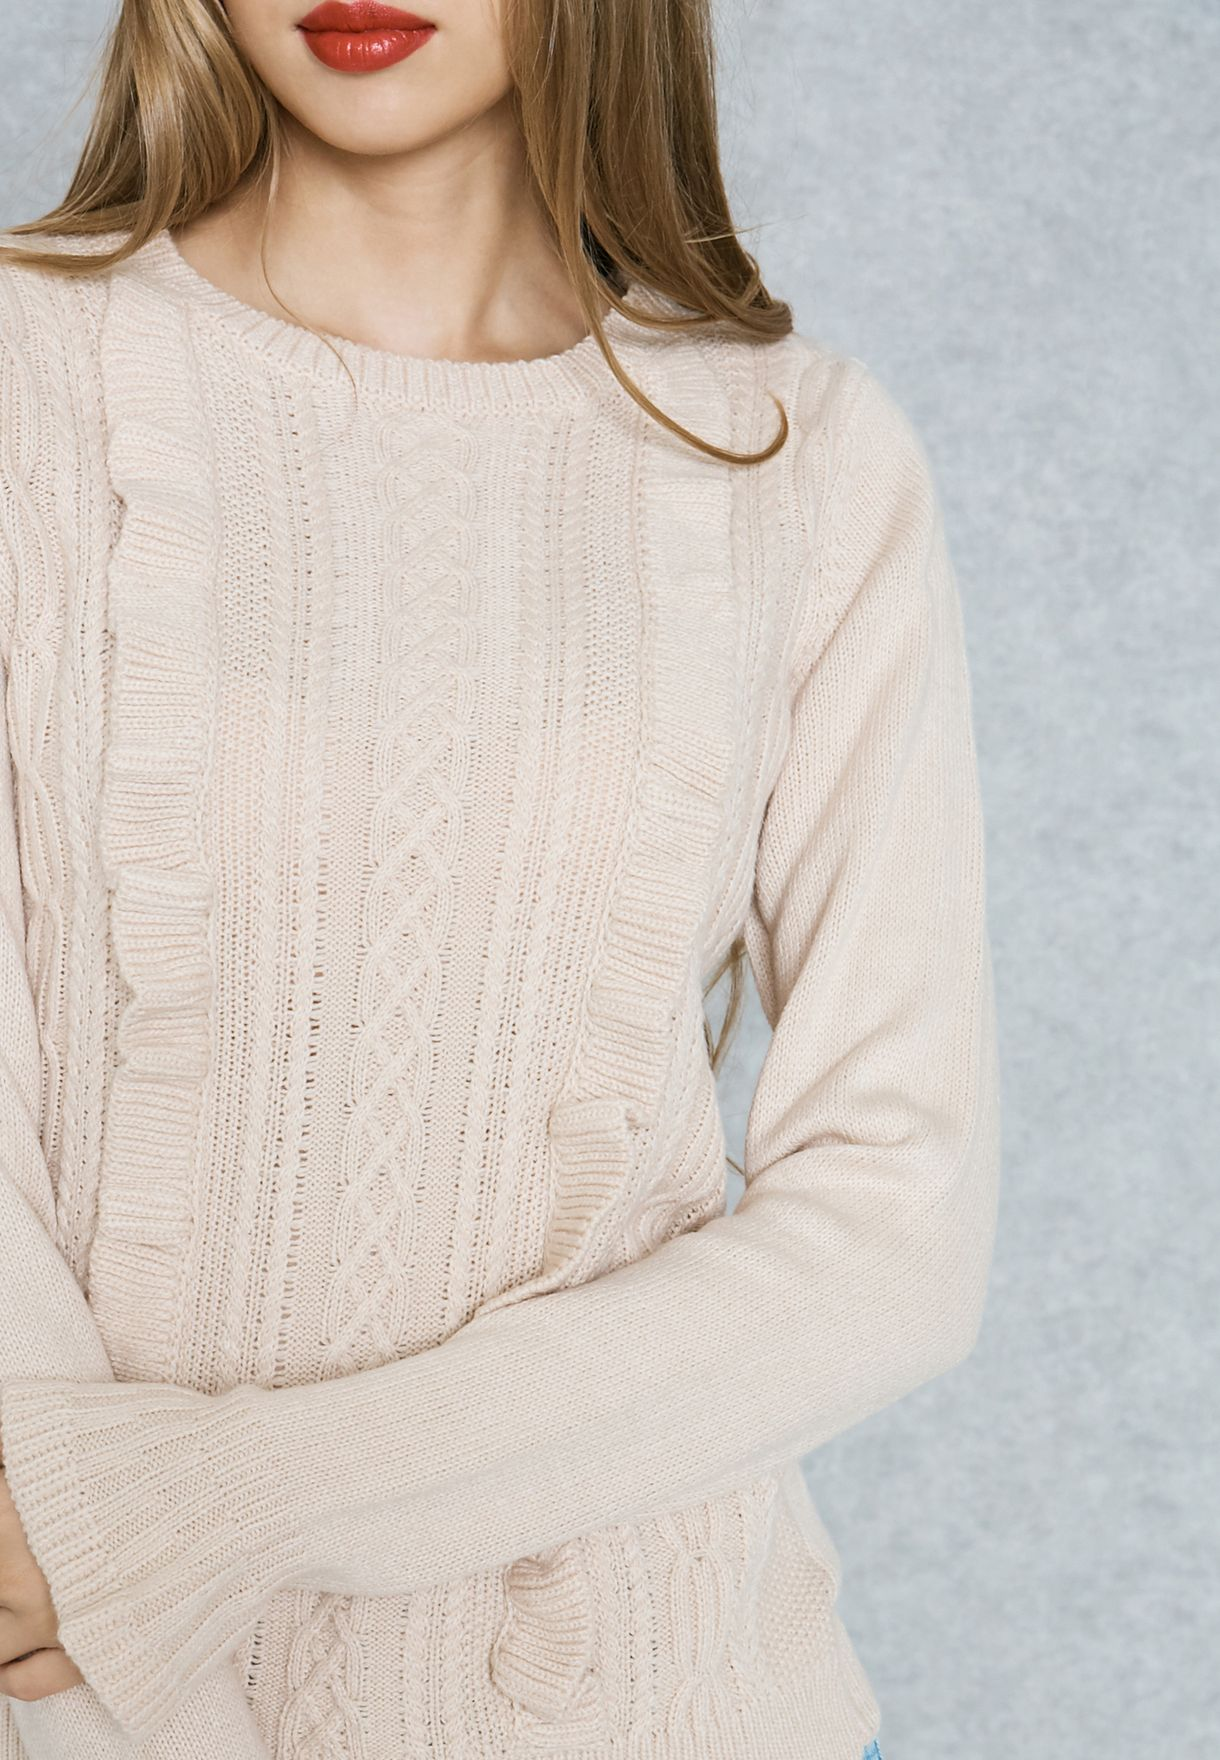 Ruffled Detail Sweater